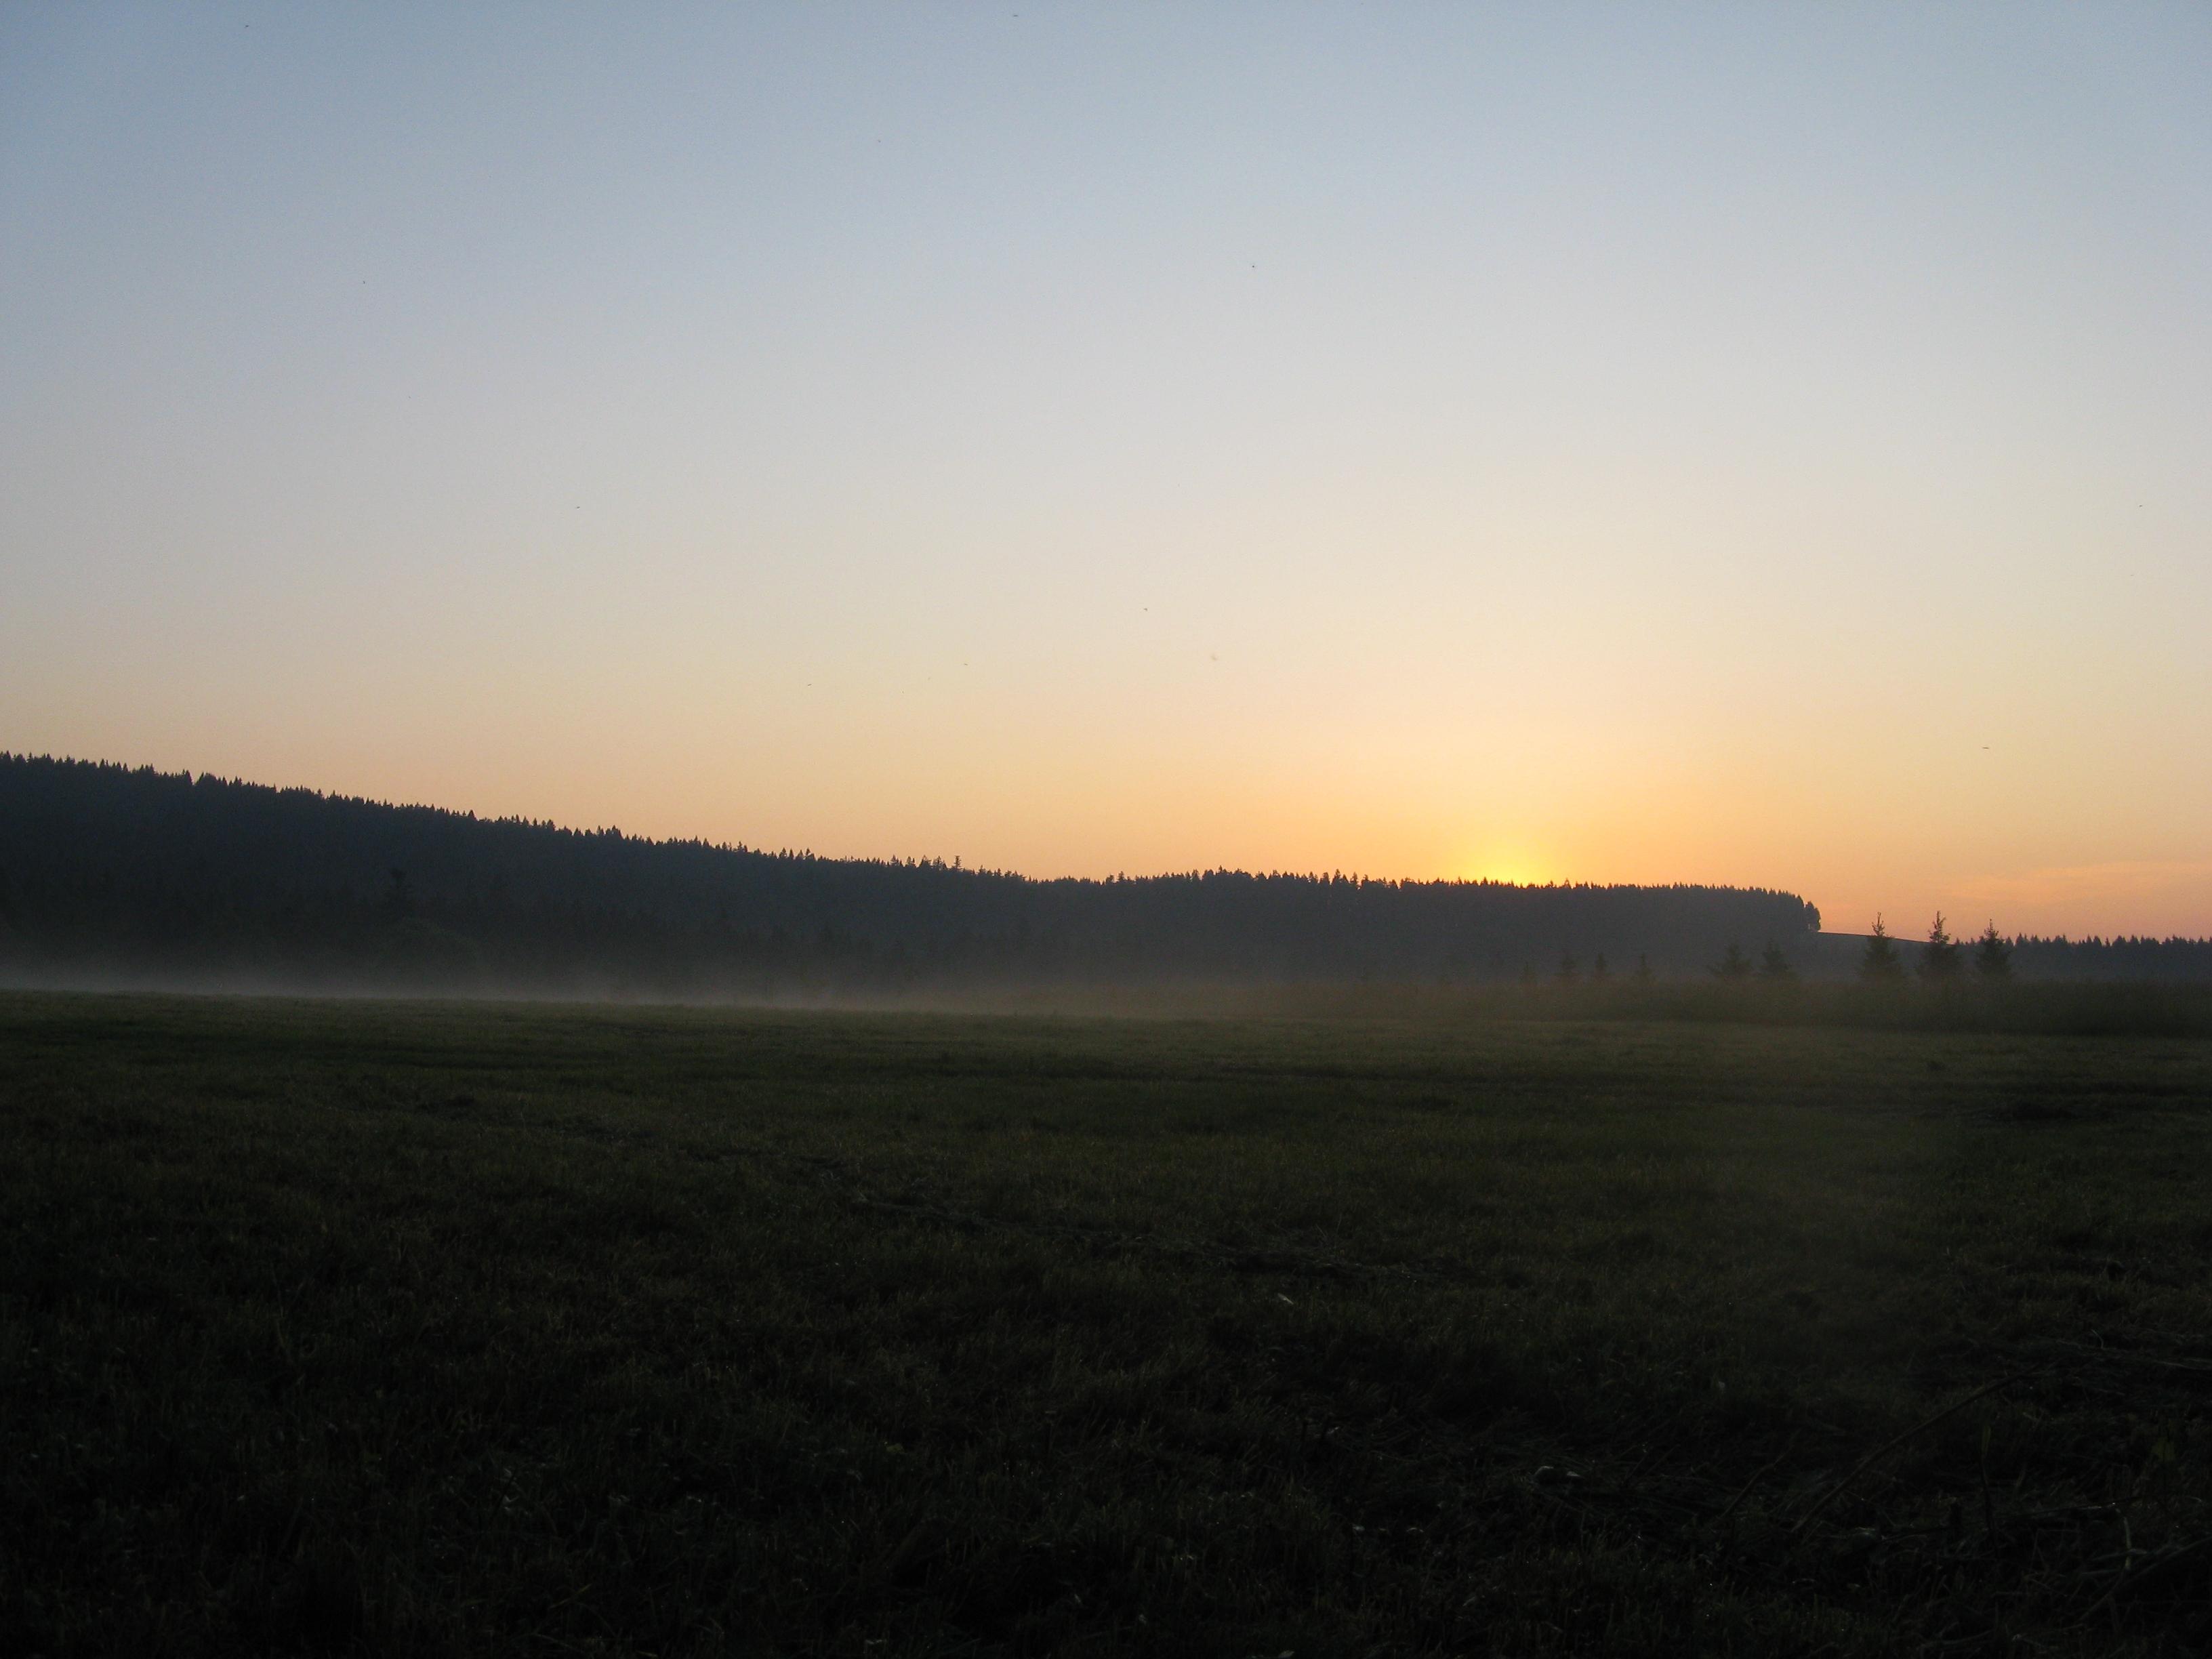 Foto 8: Nádherný pohled na východ slunce, pro tenhle pohled stojí za to si přivstat